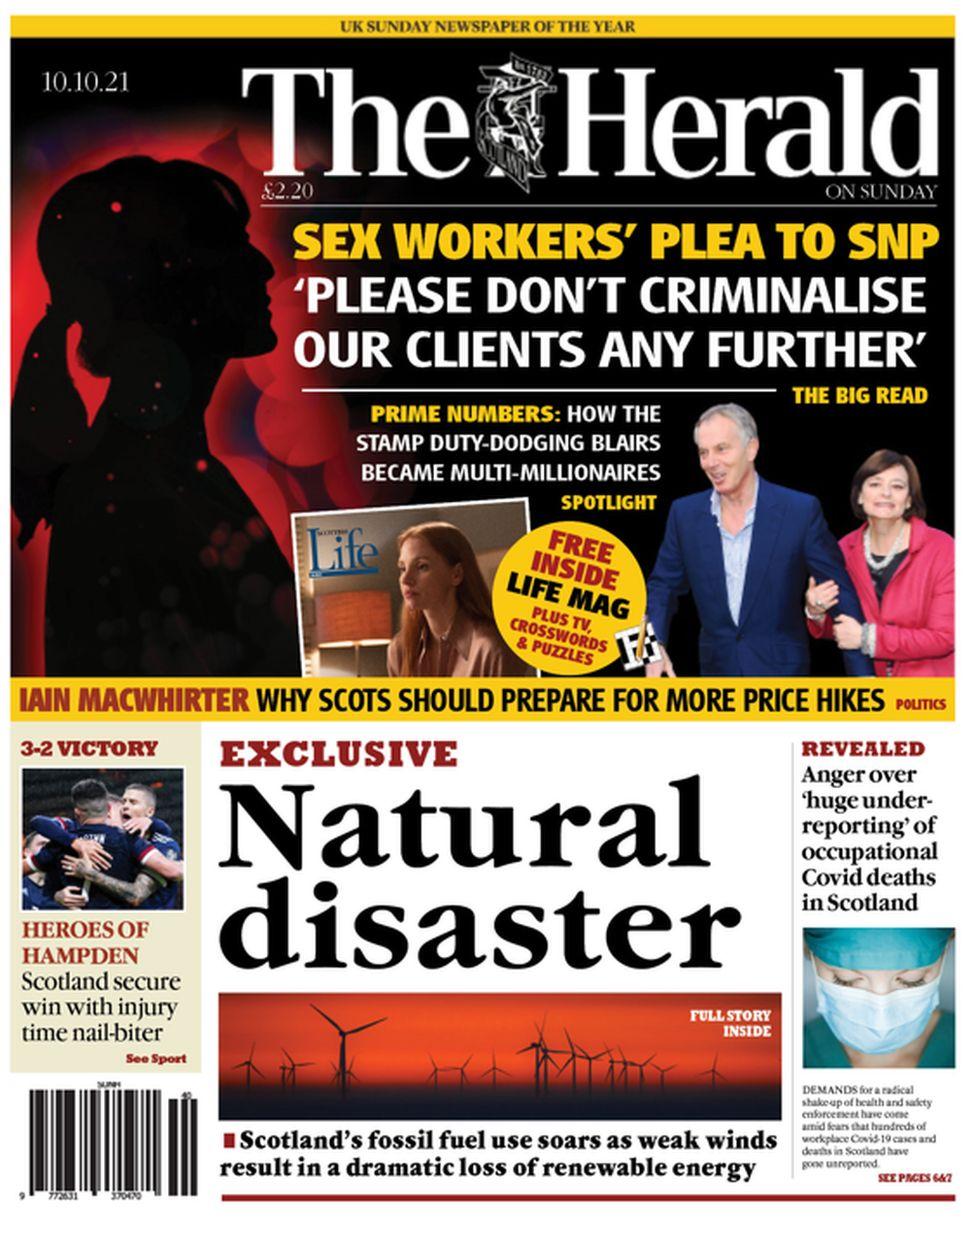 Herald on Sunday